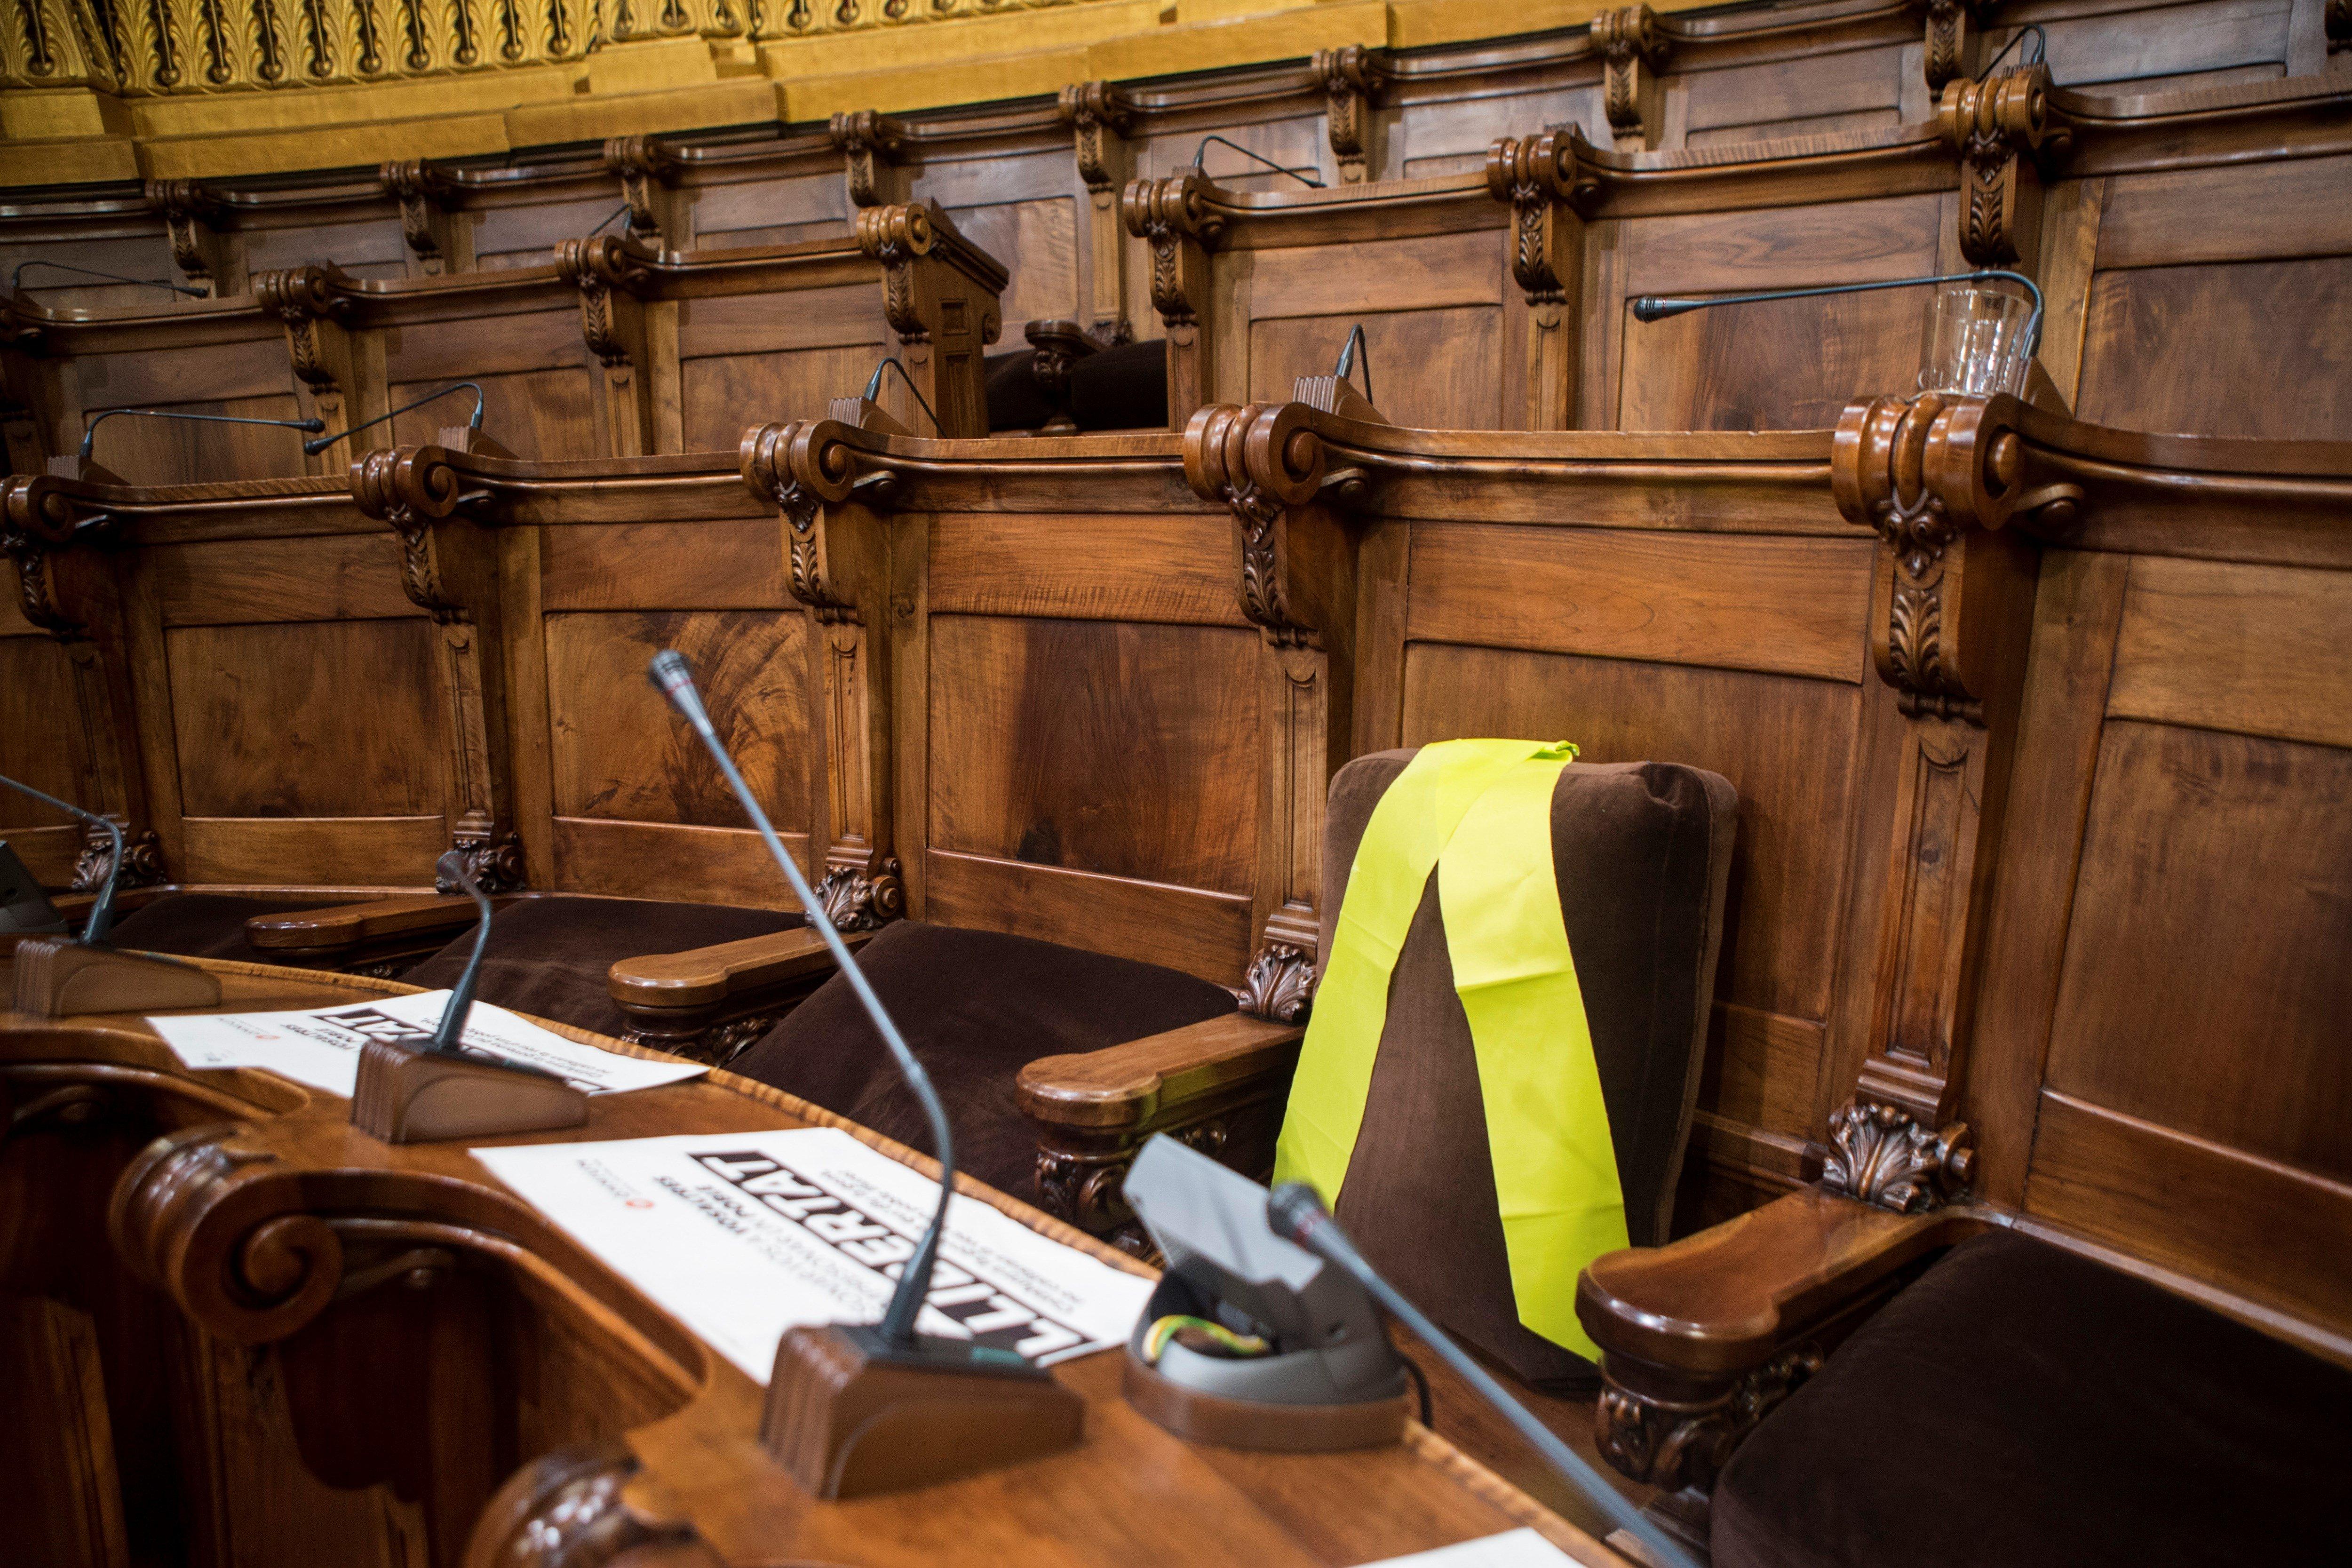 L'Ajuntament de Barcelona exigeix l'excarceració dels presos independentistes. Una llaçada gropa ocupa l'escó de Joaquim Forn, exconseller d'Interior. /QUIQUE GARCÍA